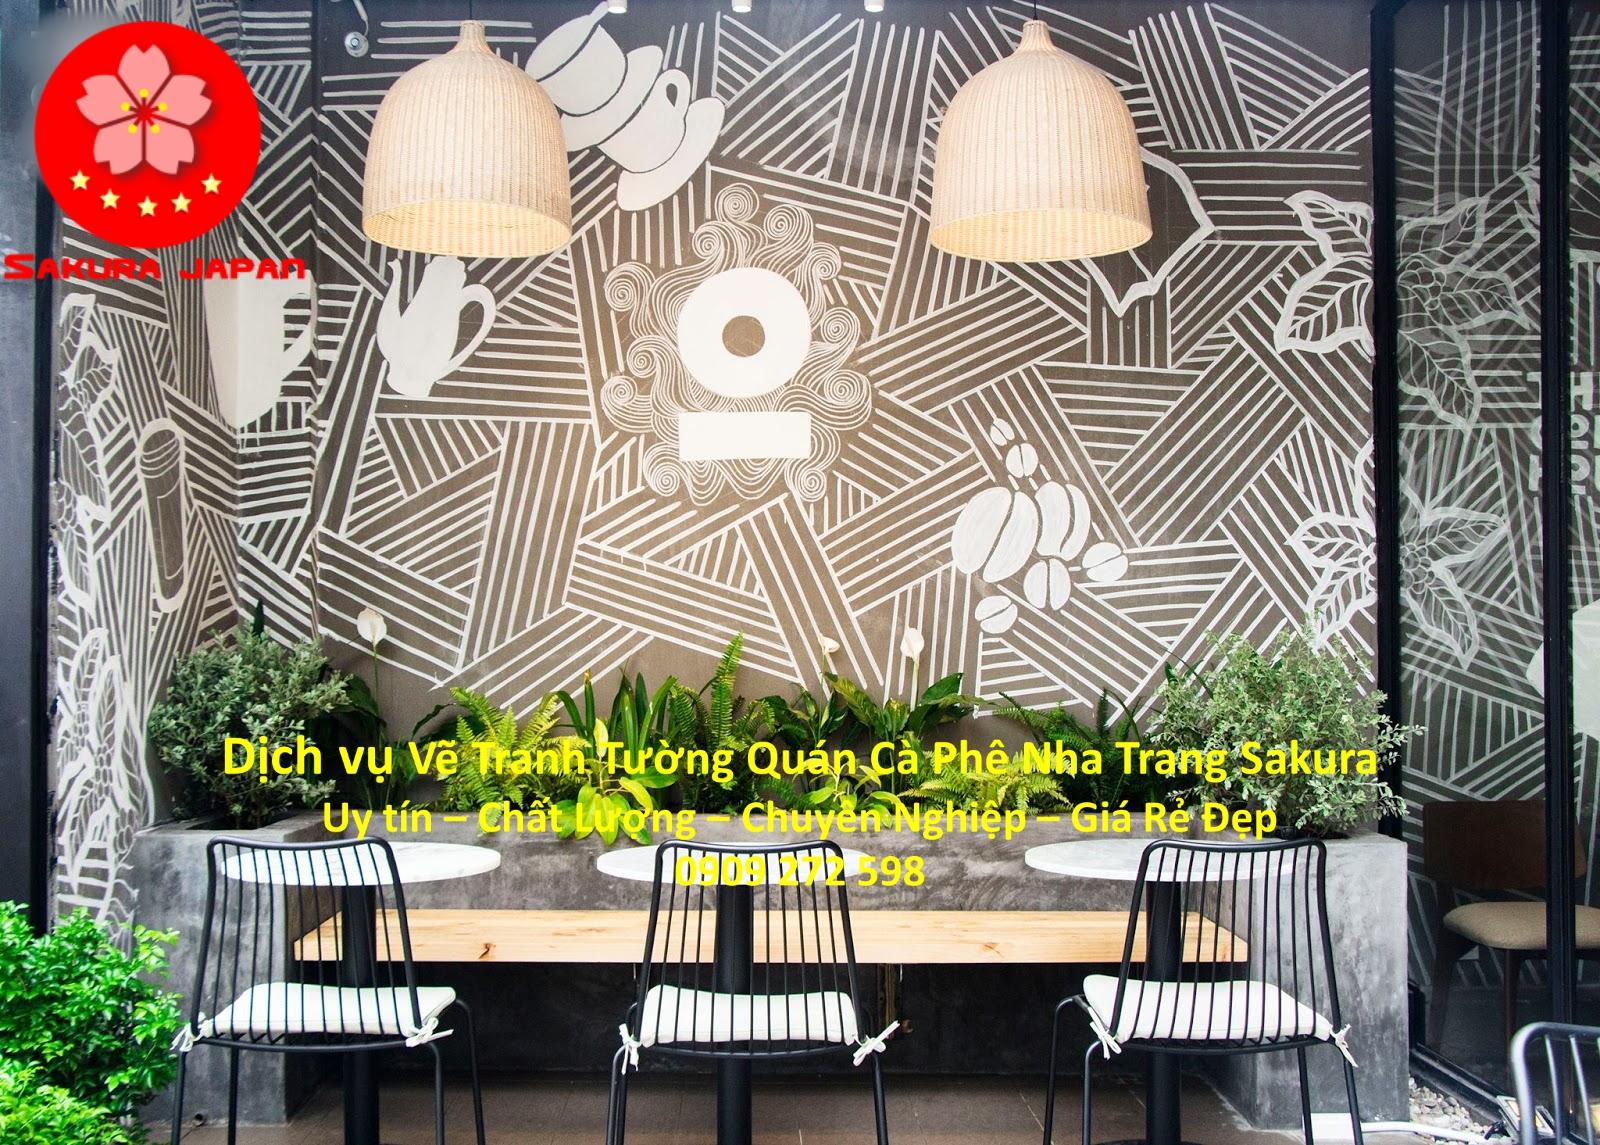 dịch vụ vẽ tranh tường quán cafe nha trang uy tín giá rẻ đẹp nhất